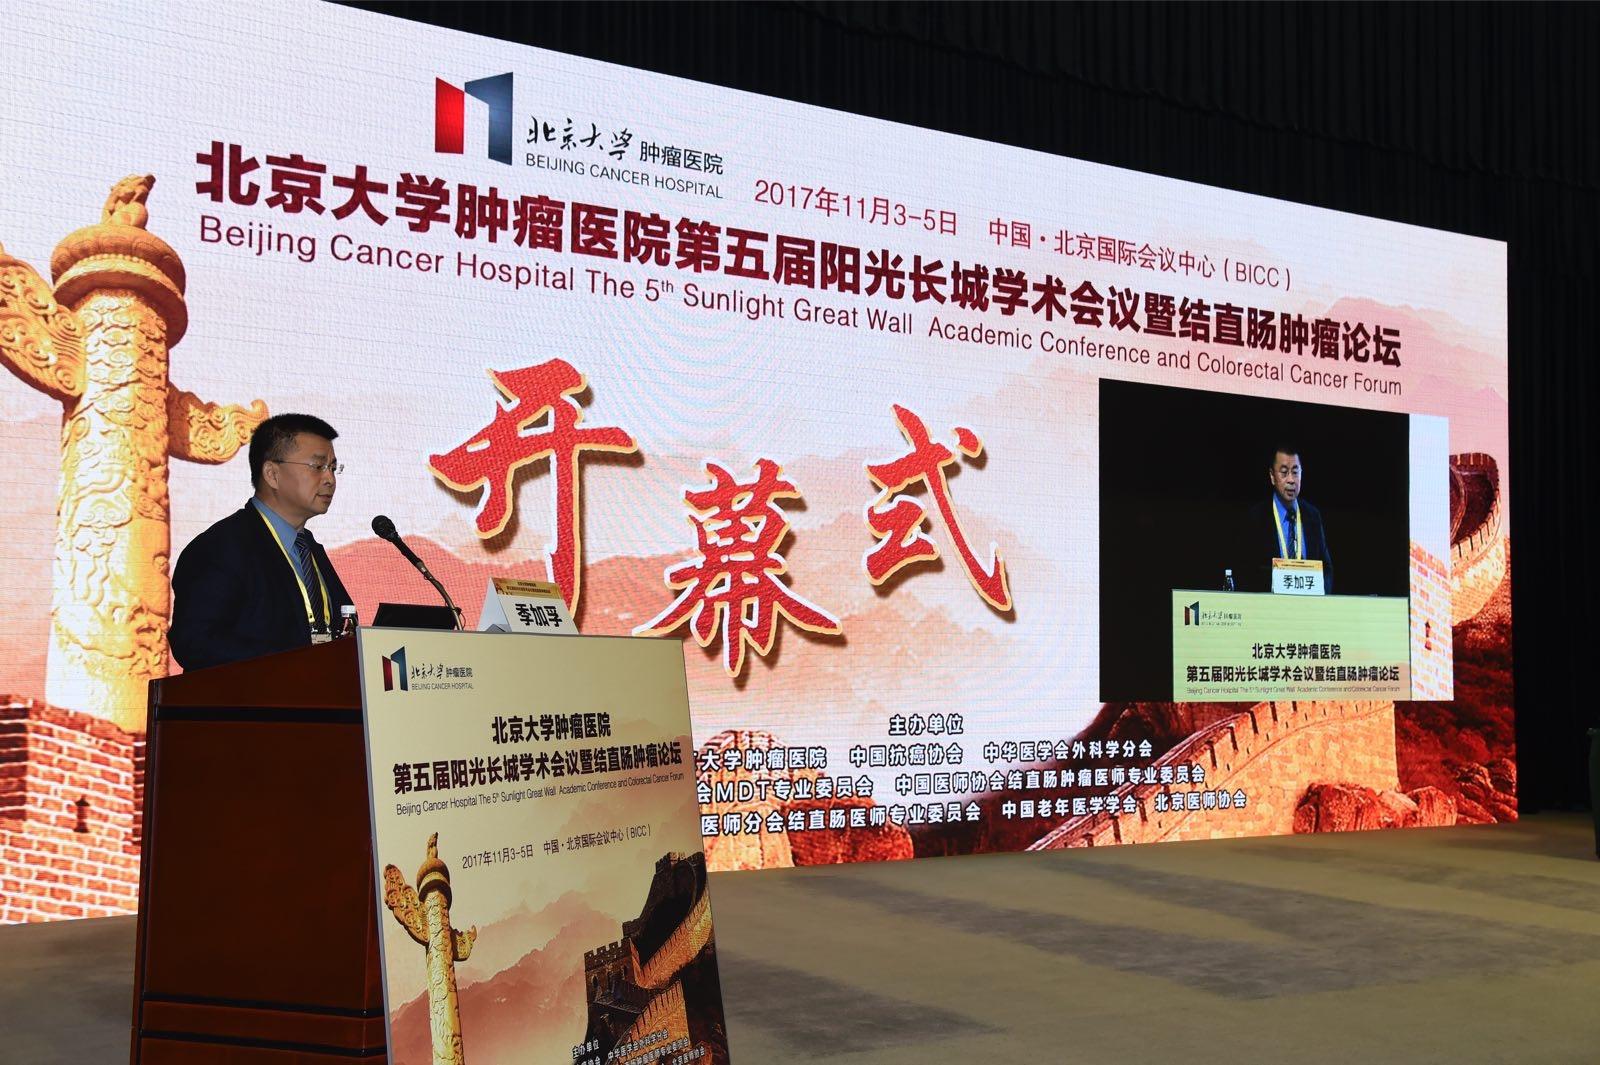 北京大学肿瘤医院阳光长城学术会议盛大开幕